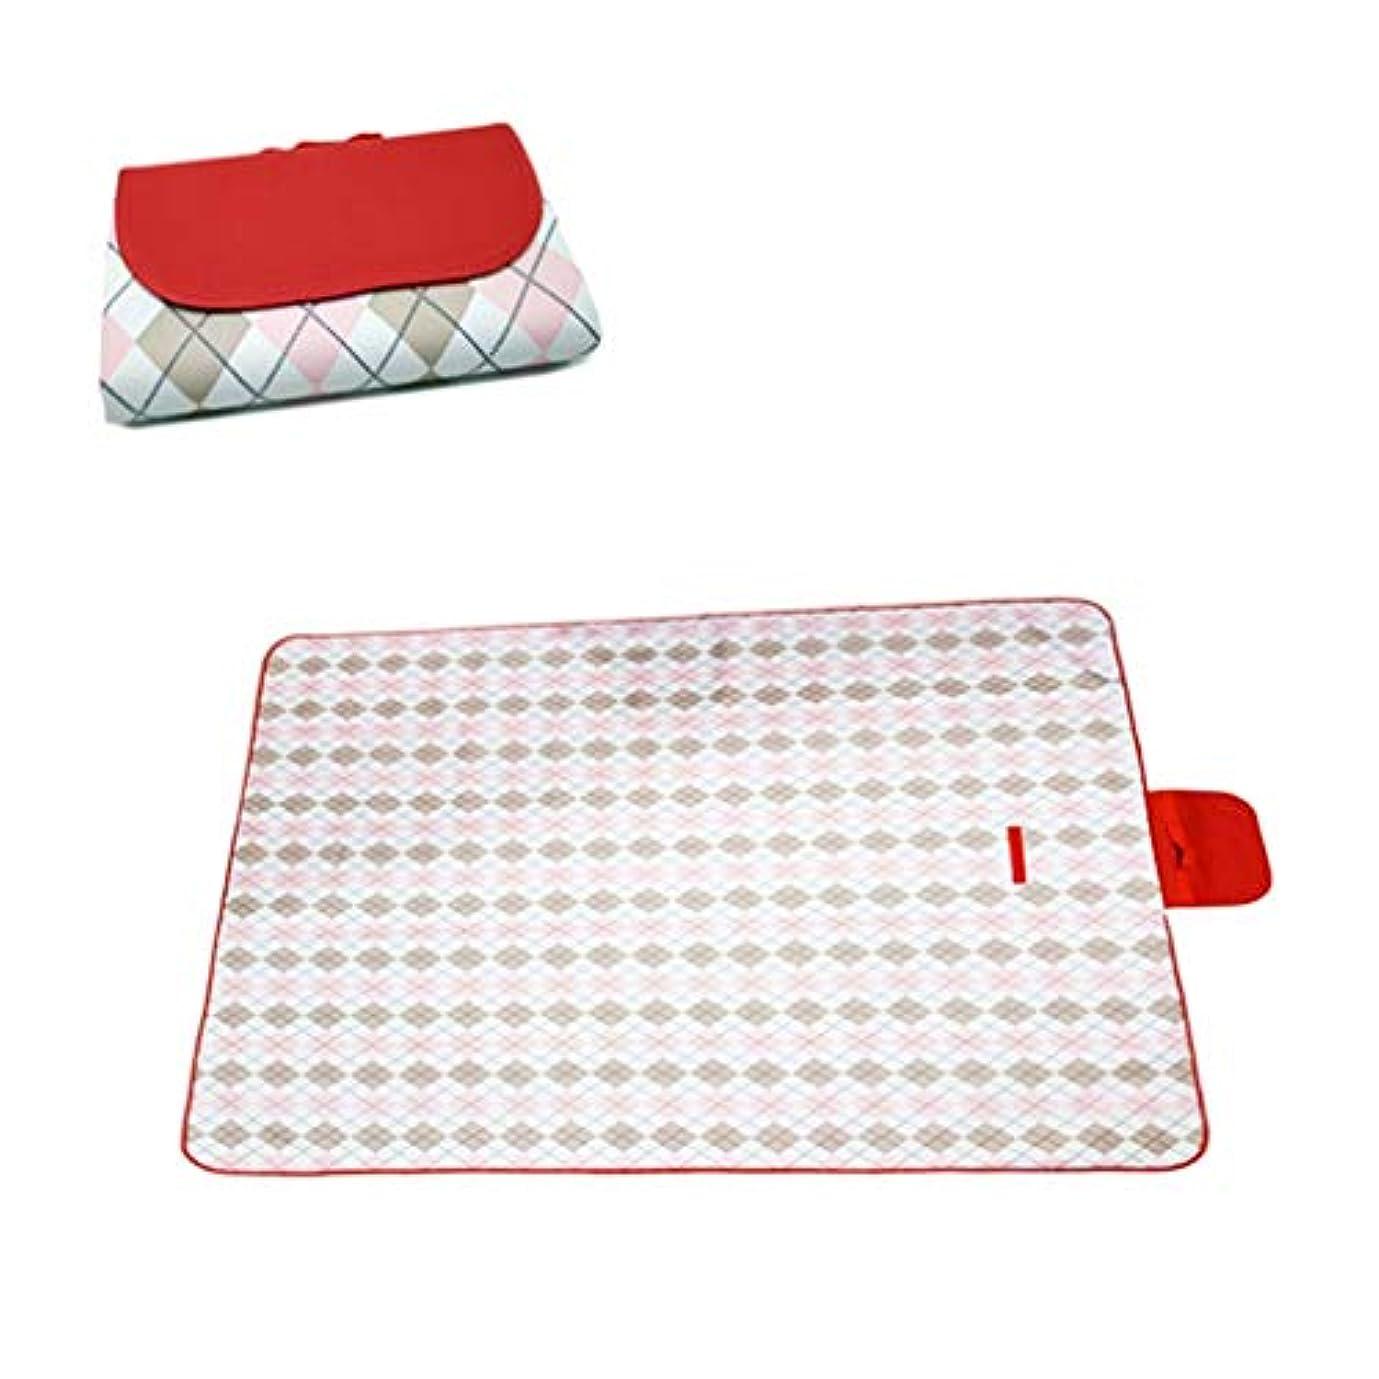 スポーツをするタフ宝石JYY ピクニック毛布、ビーチに適した屋外の防水携帯用パッドハンドバッグ防水、キャンプの草旅行 (色 : Pink freshv, Size : 145x130cm)